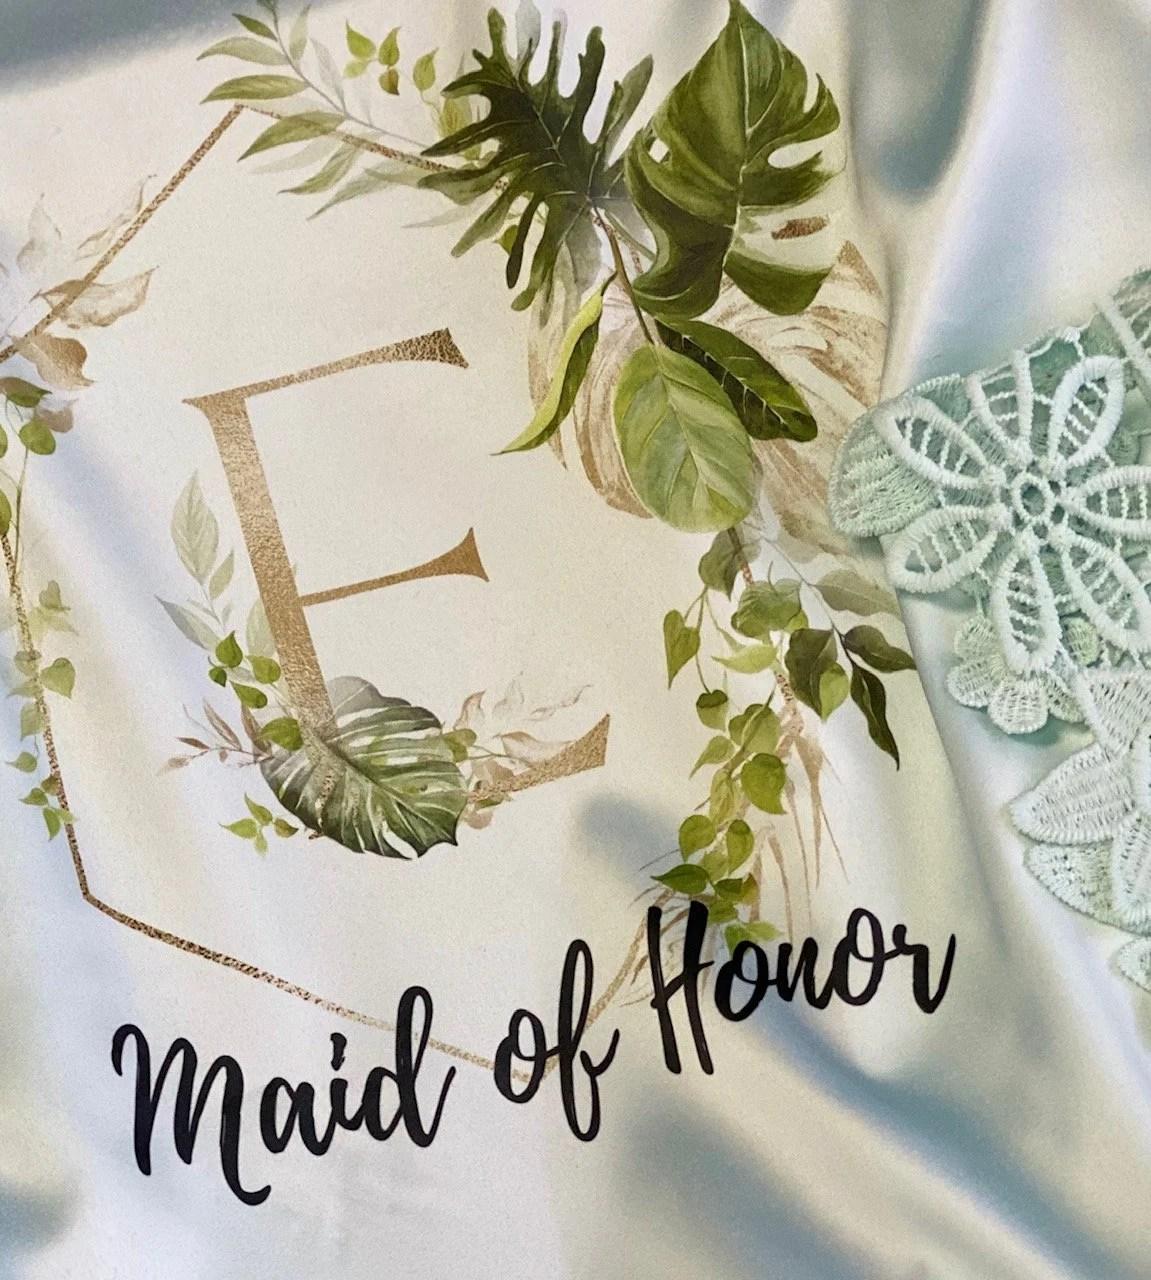 Tropical Wedding Bridal Robes  Bridesmaid Gifts Greenery image 2